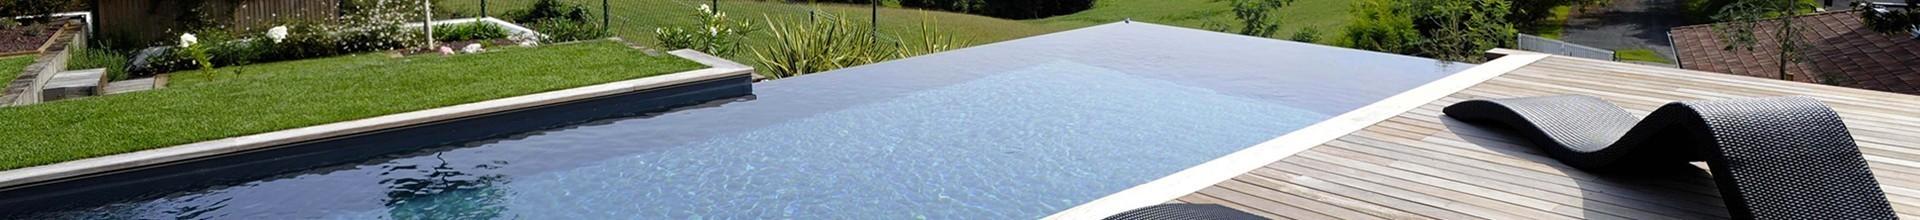 Pays : Suisse Fabricant d'une piscine révolutionnaire et innovante